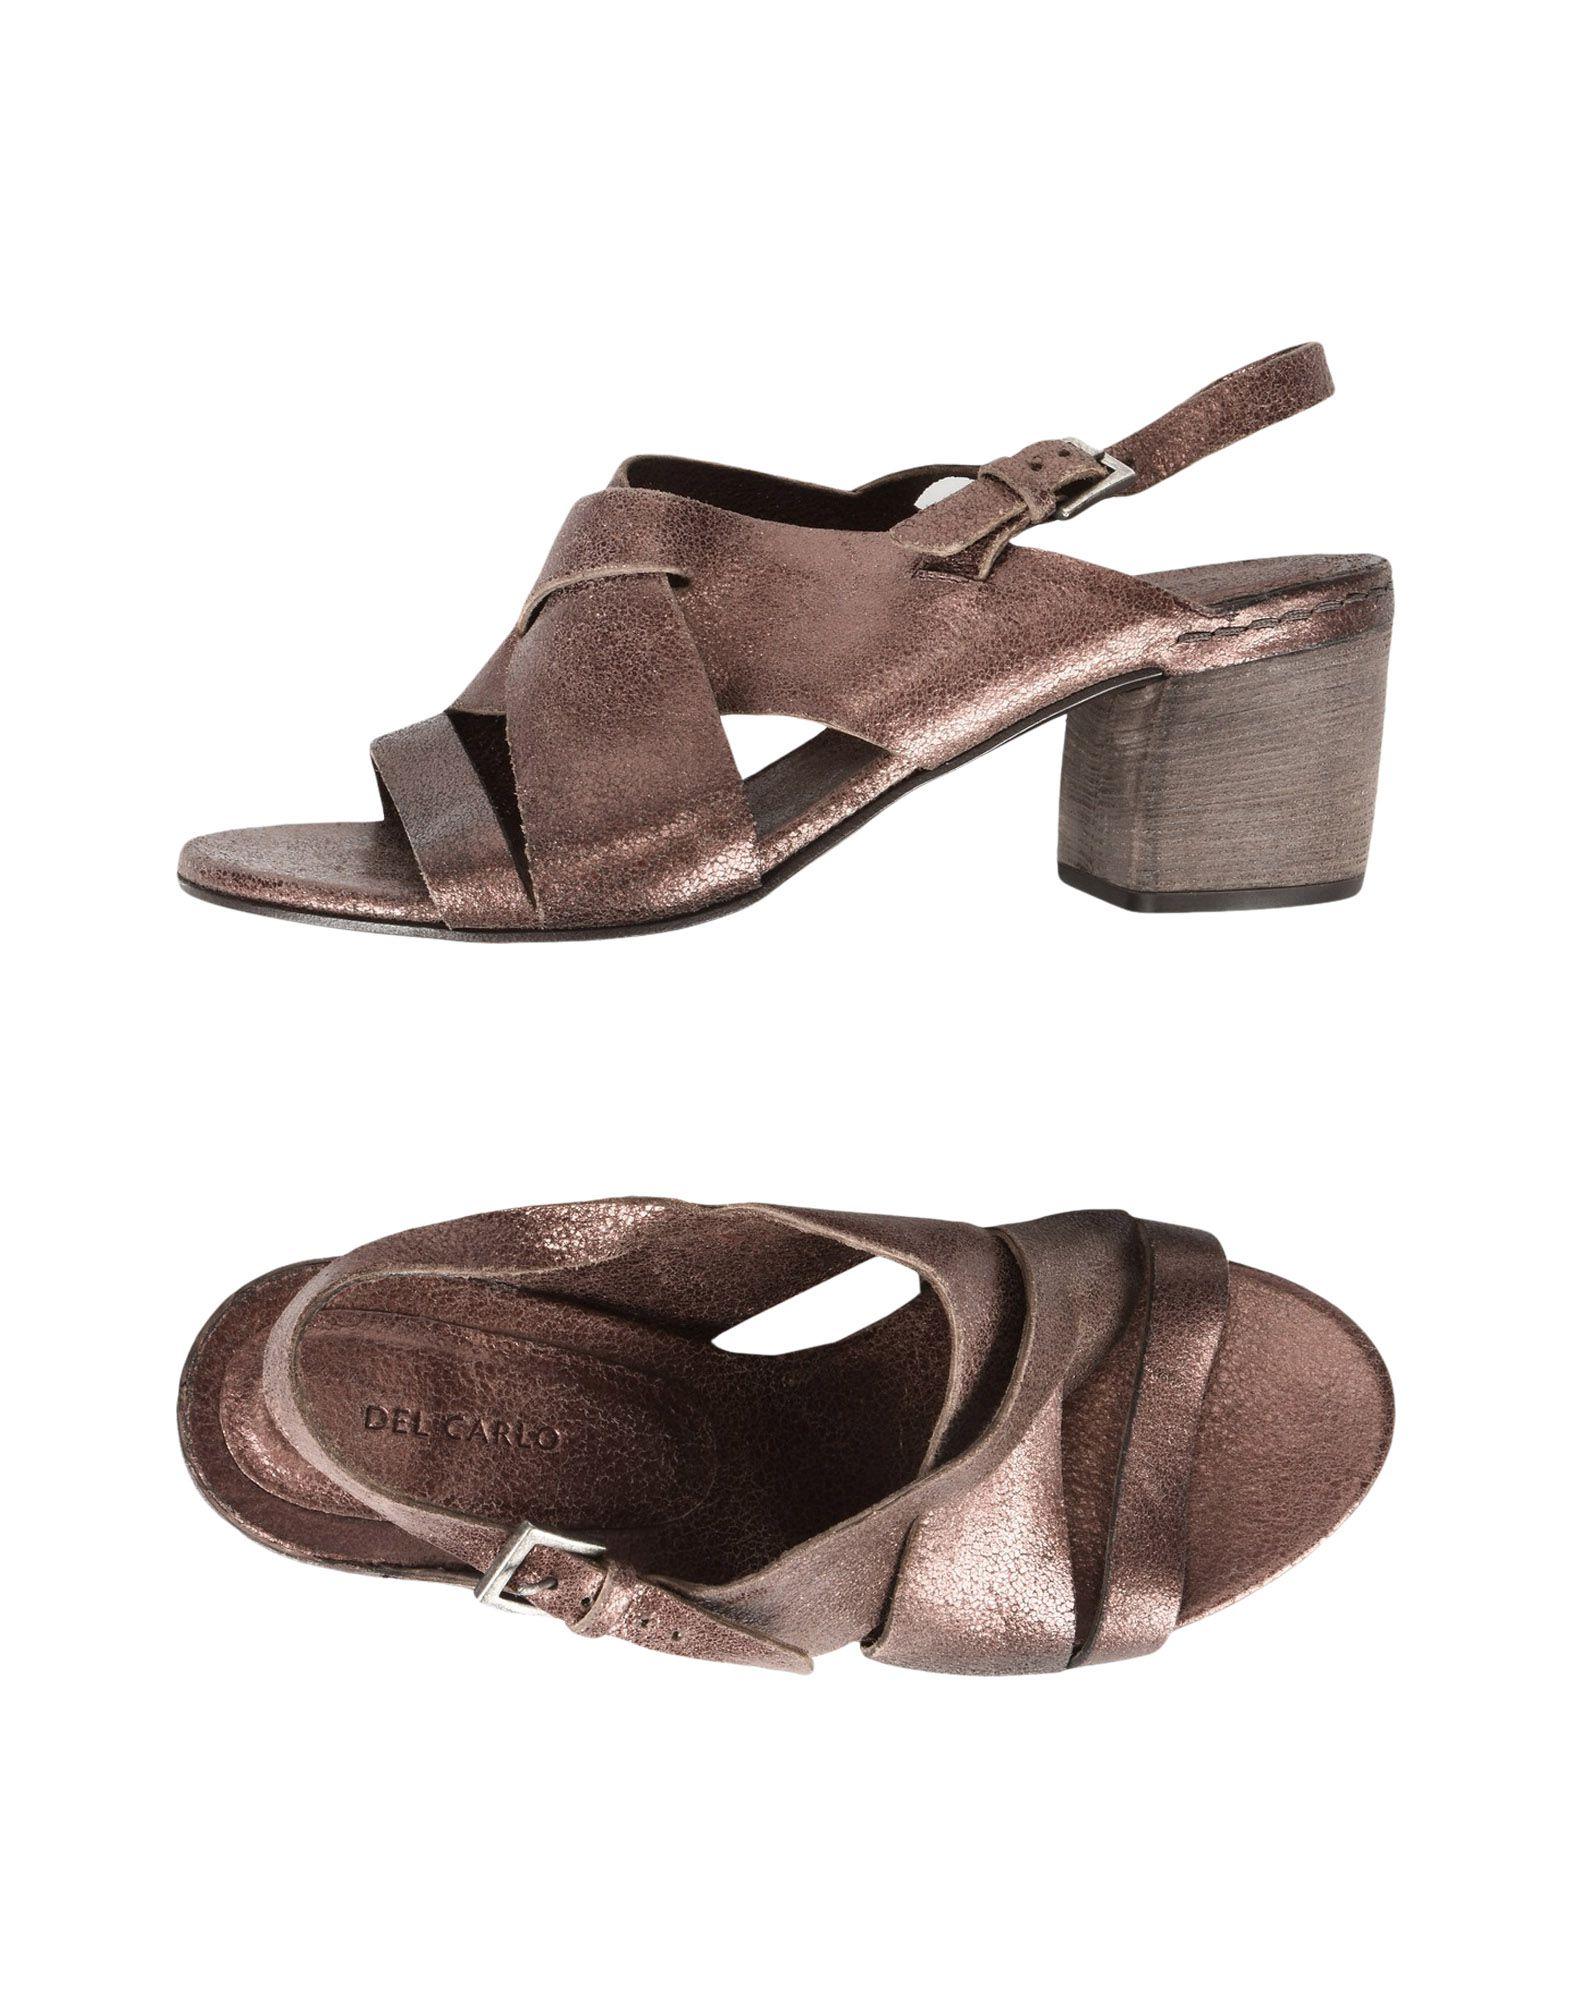 Sandali Belstaff Donna - 11396360WS Scarpe economiche e buone